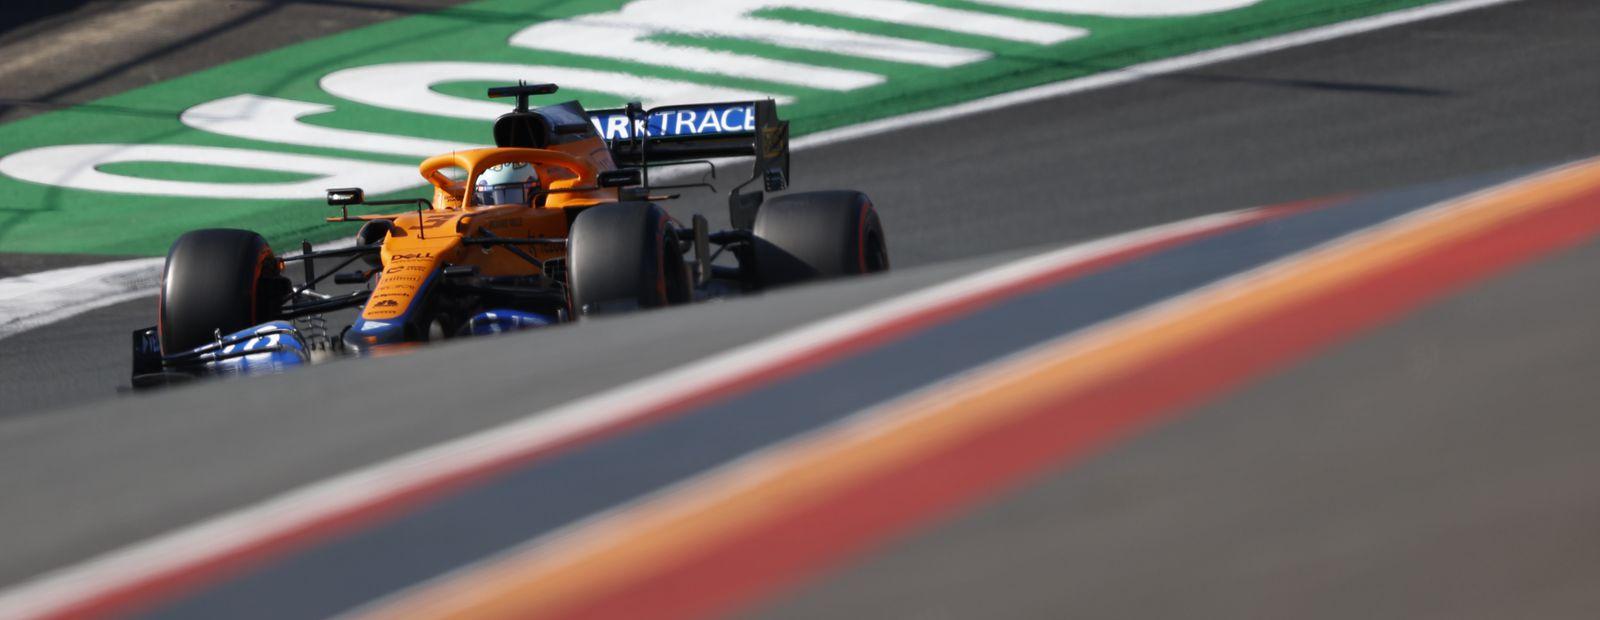 Gran Premio de Holanda 2021 - Calificación